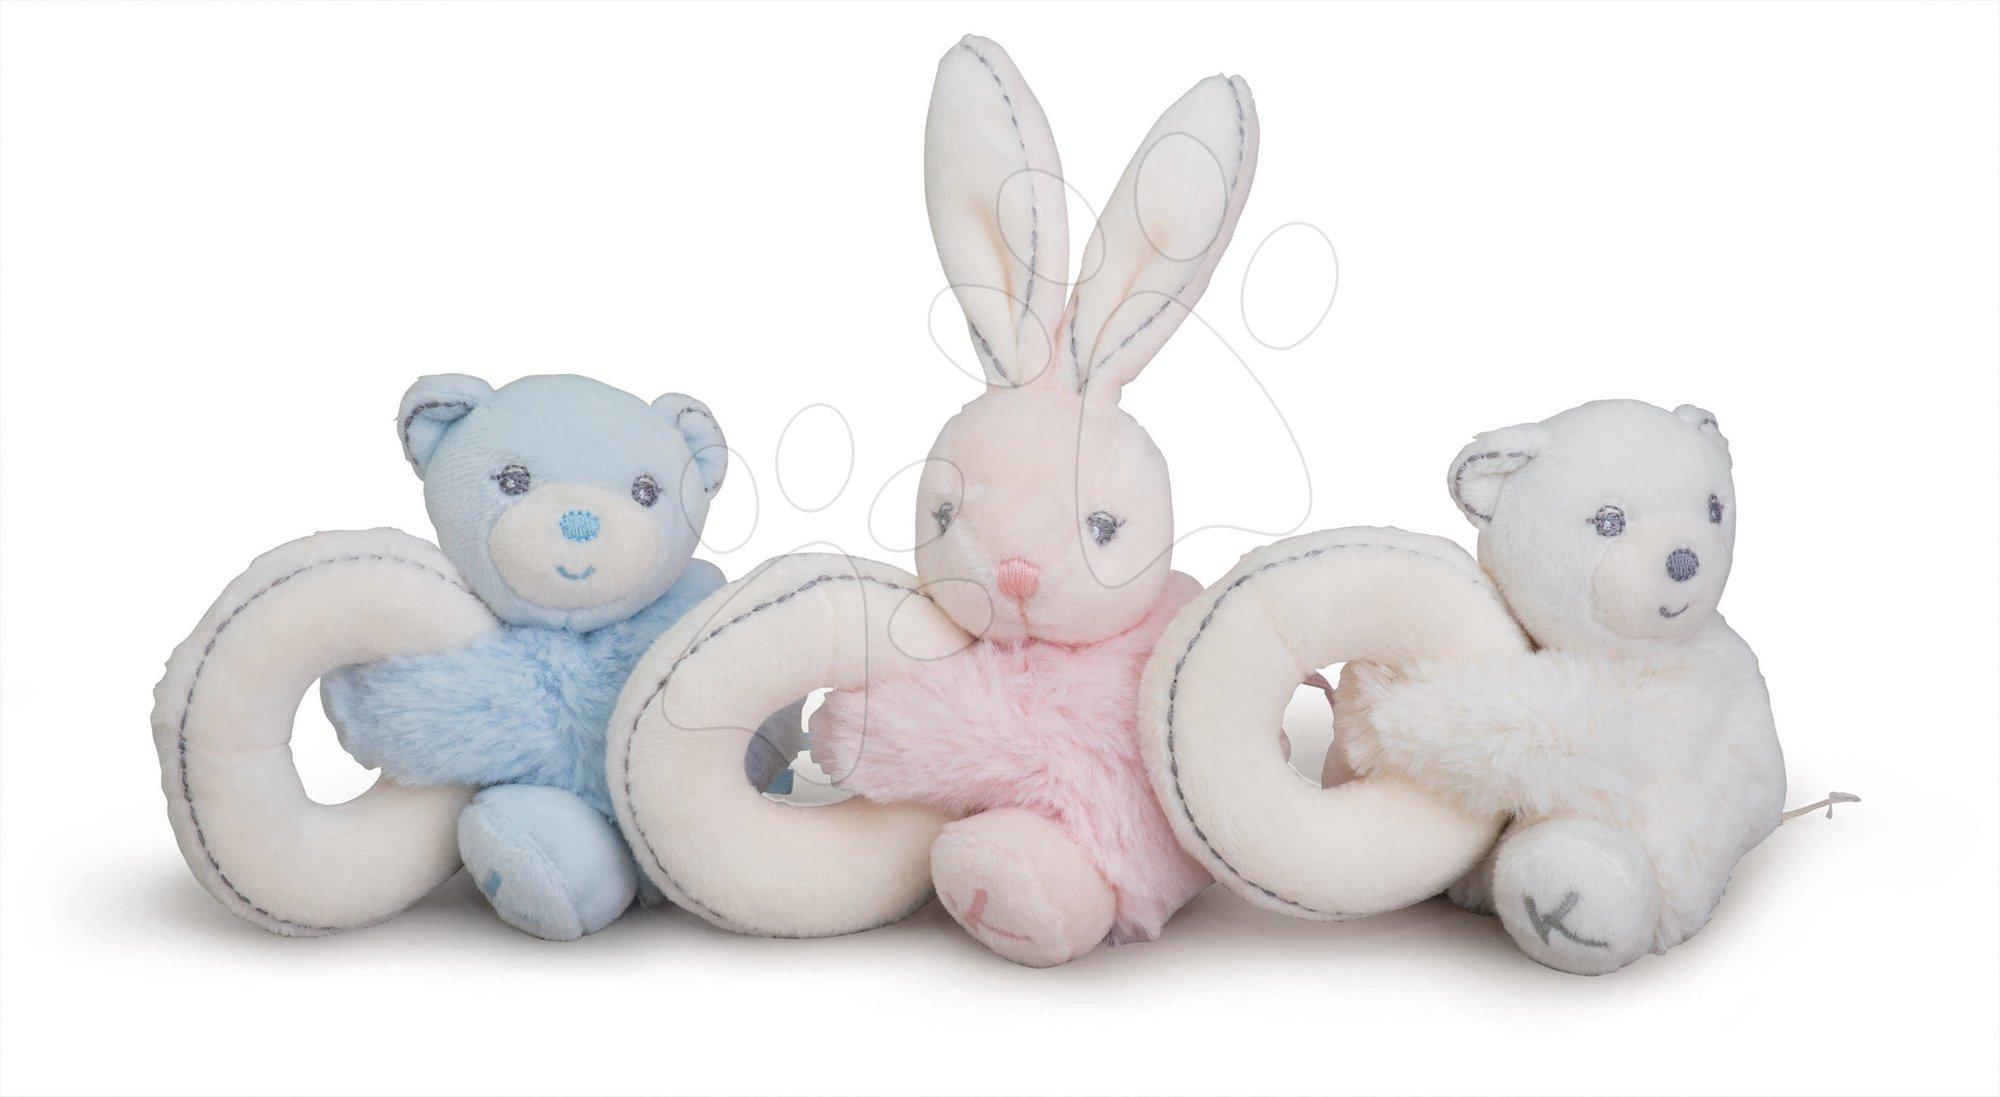 Plyšové hračky Perle Set Kaloo s hrkálkou 10 cm 3 kusy pre najmenších